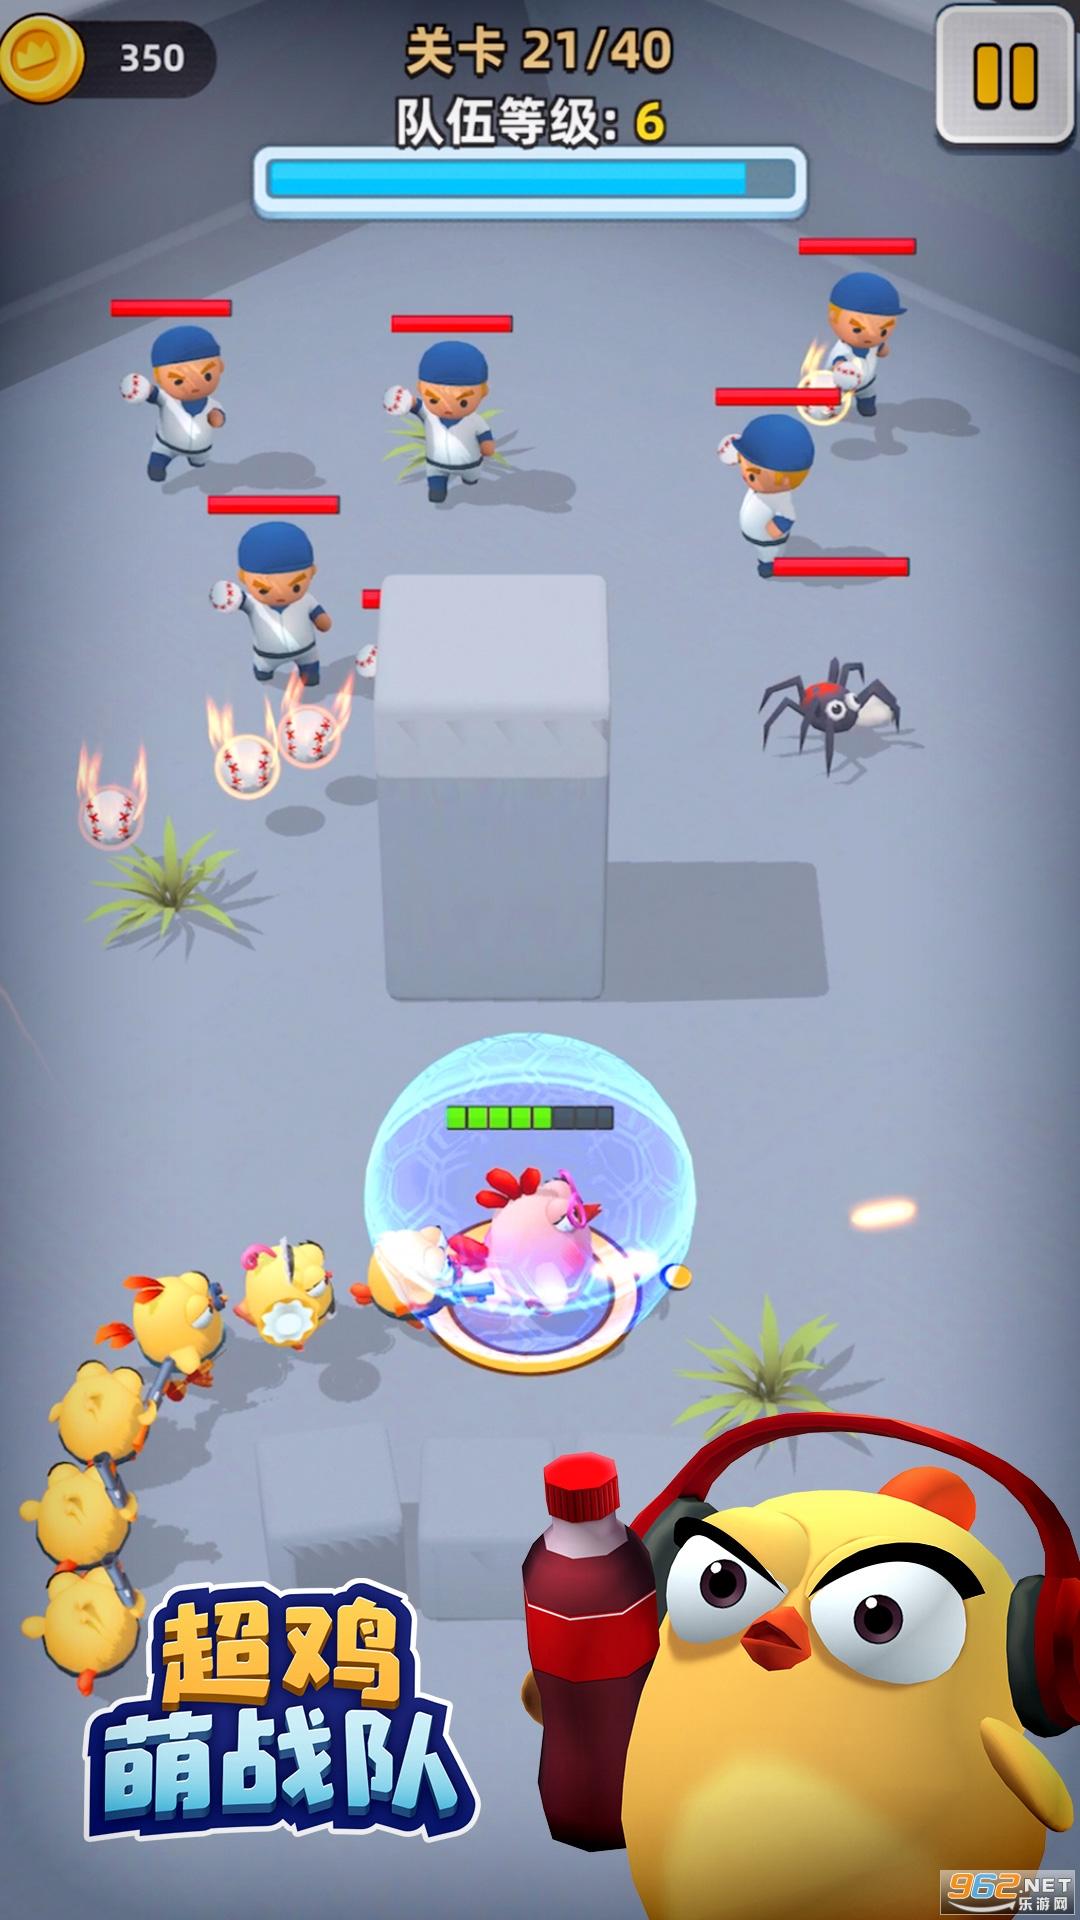 超鸡萌战队游戏v0.5.0 安卓版截图2